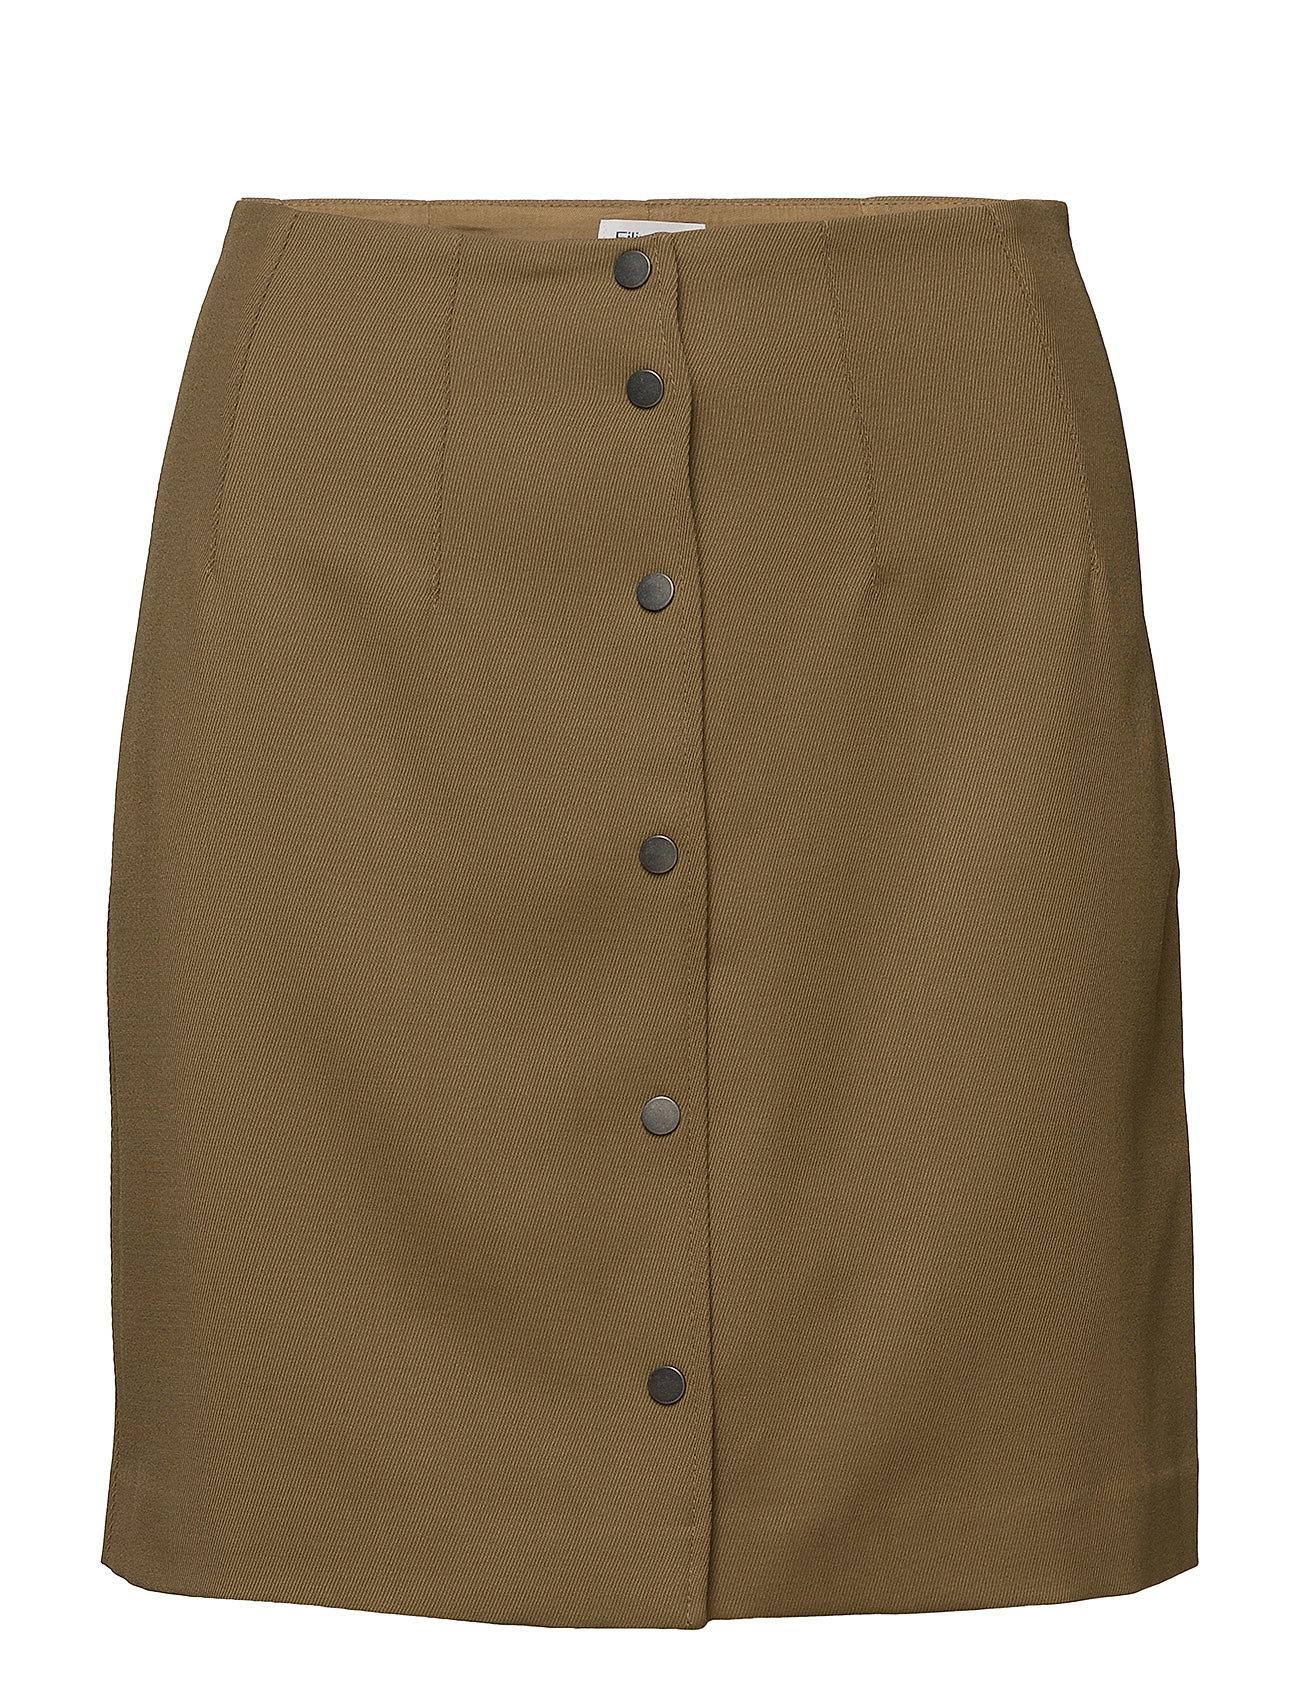 Filippa K Twill Skirt - KELP